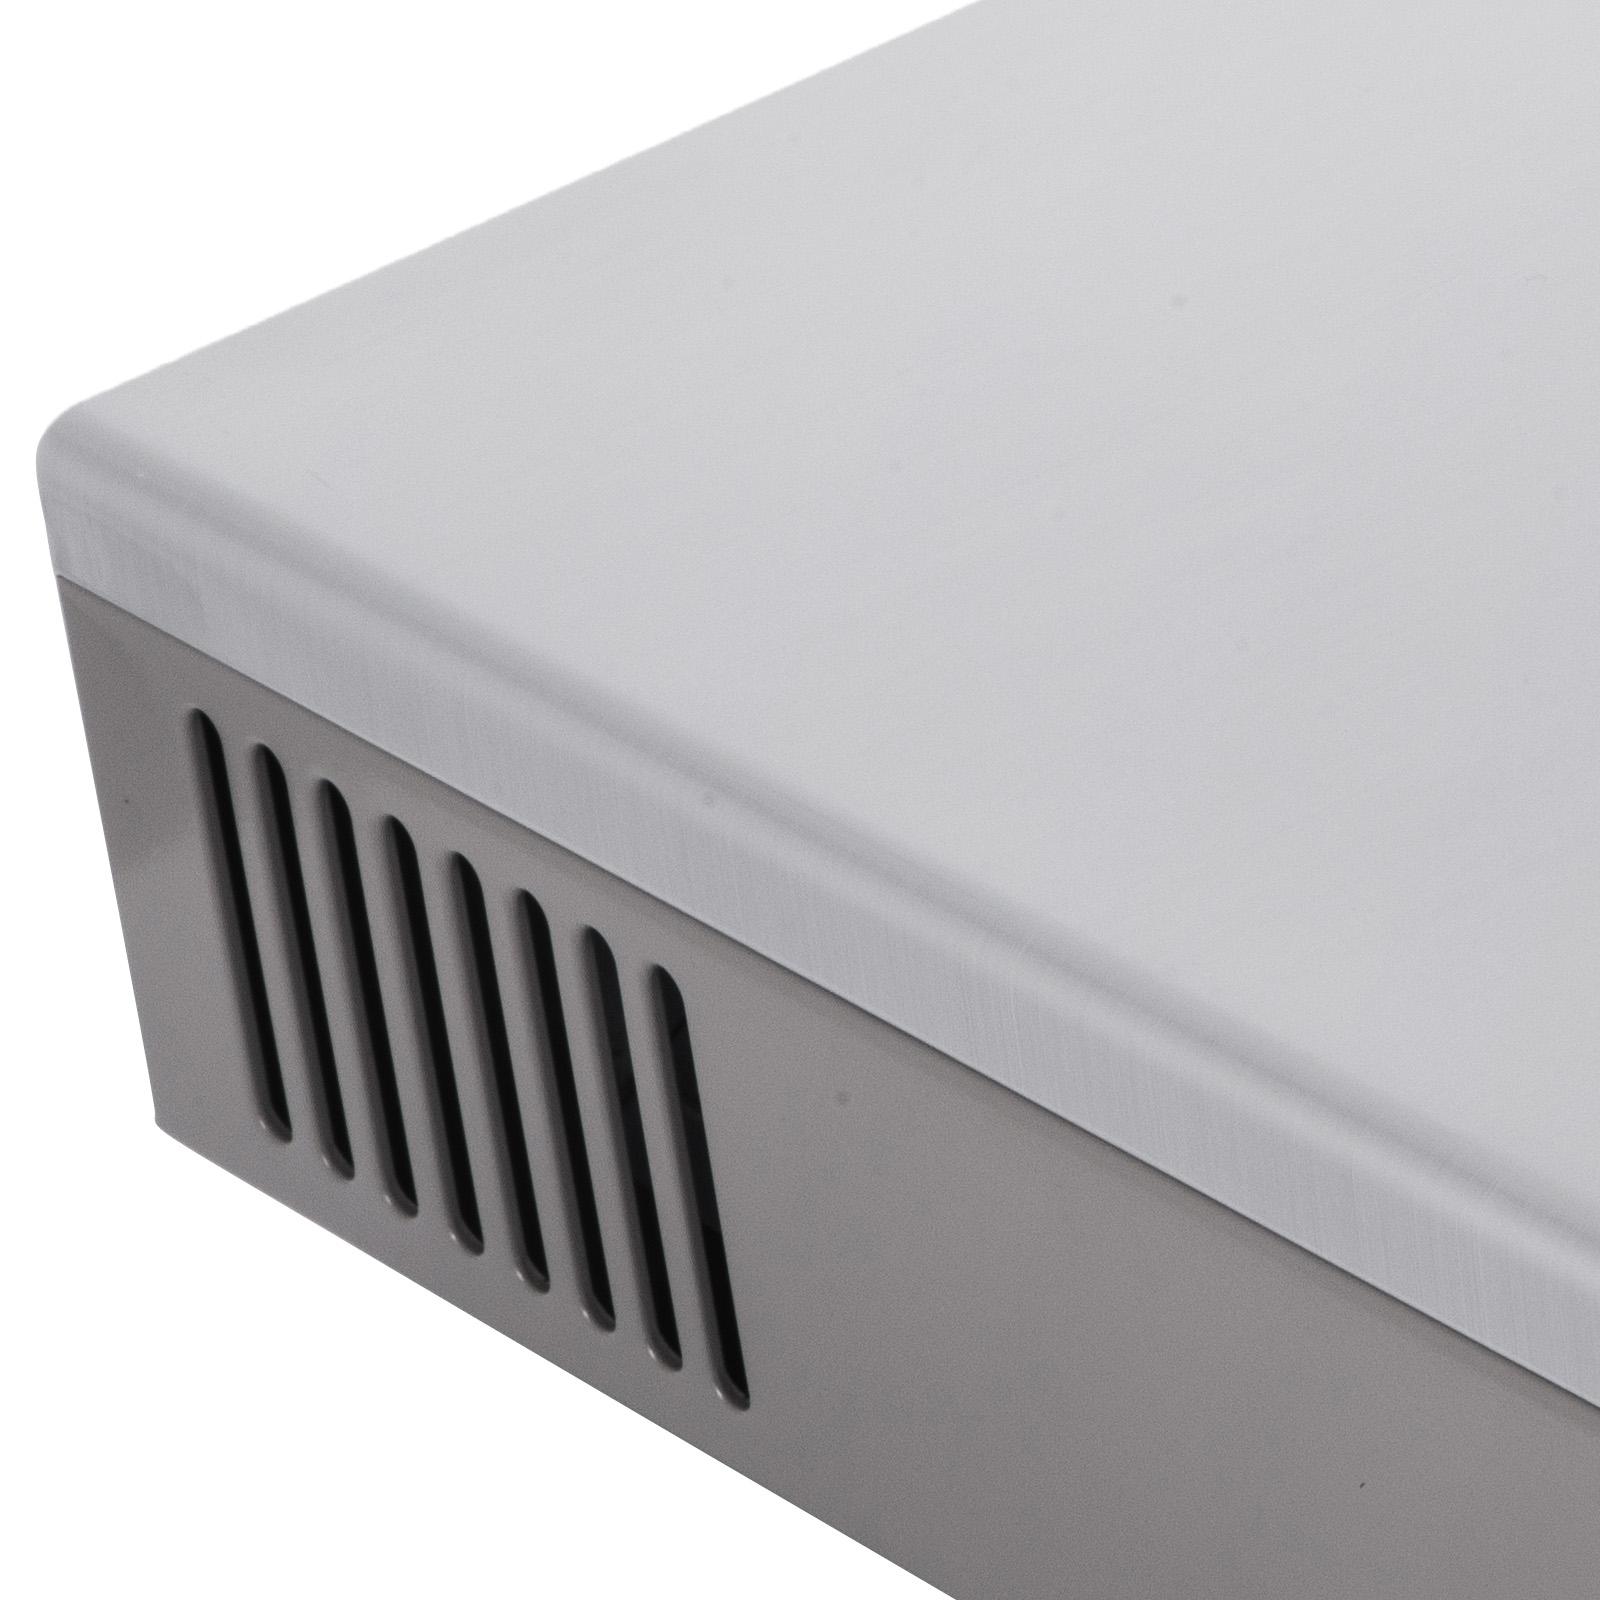 12 litres fiable chauffe eau instantan gaz propane avec douche 24kw ebay. Black Bedroom Furniture Sets. Home Design Ideas